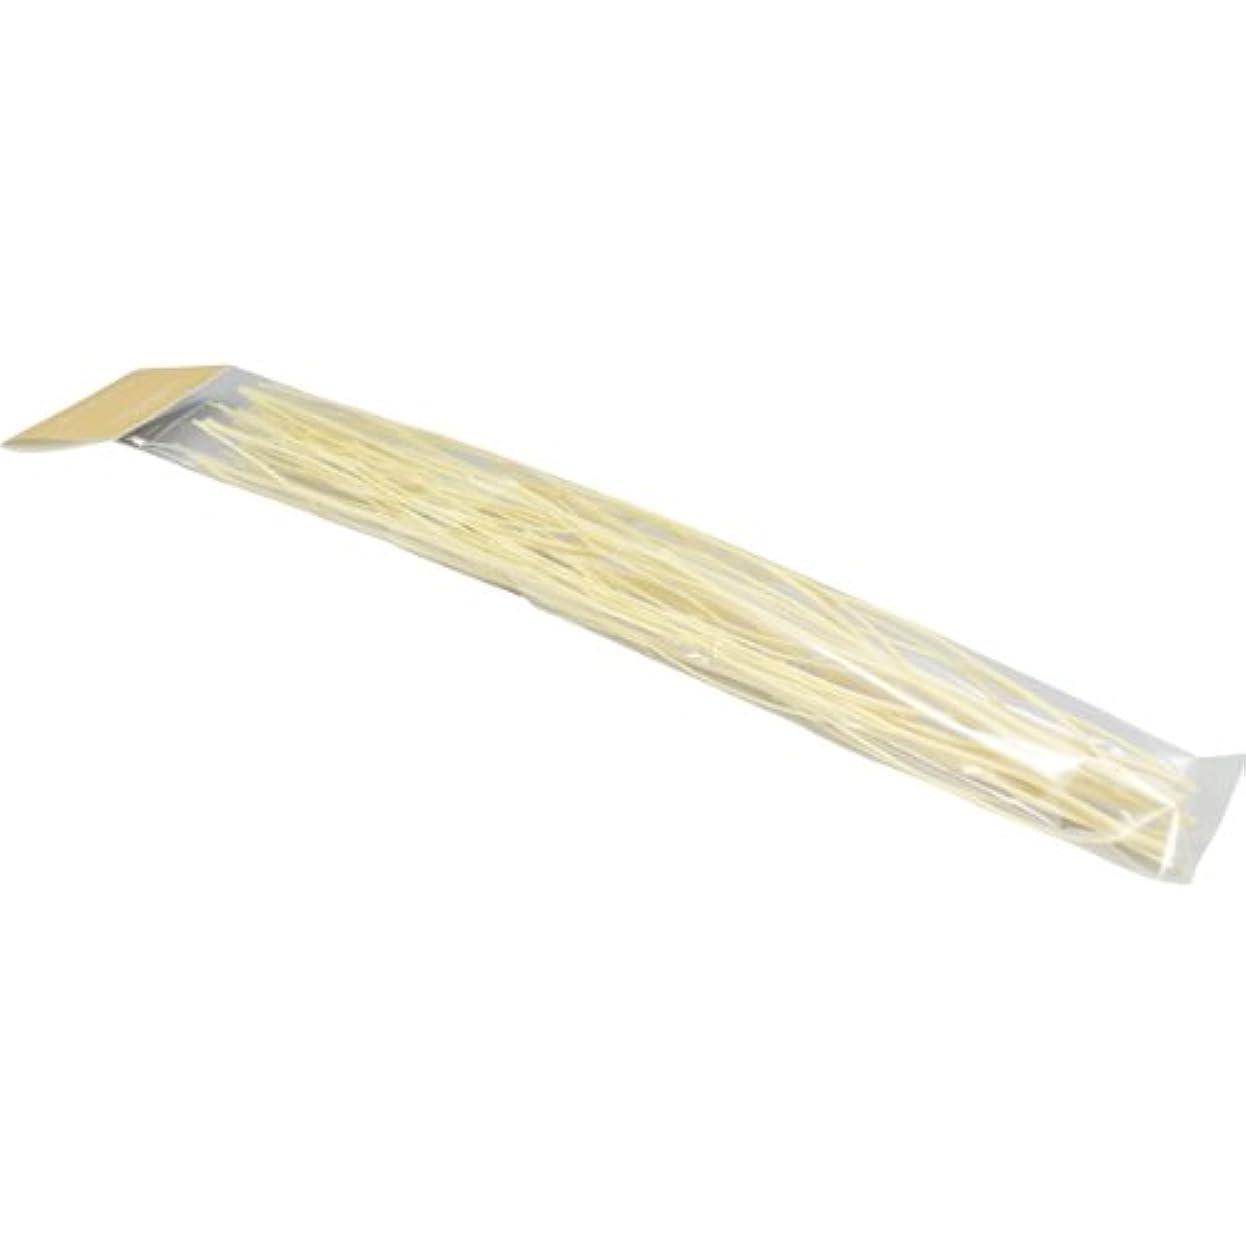 干し草見分ける浪費Heavenly Aroom リードスティック ブランチタイプ 30cm 10本入 ナチュラル